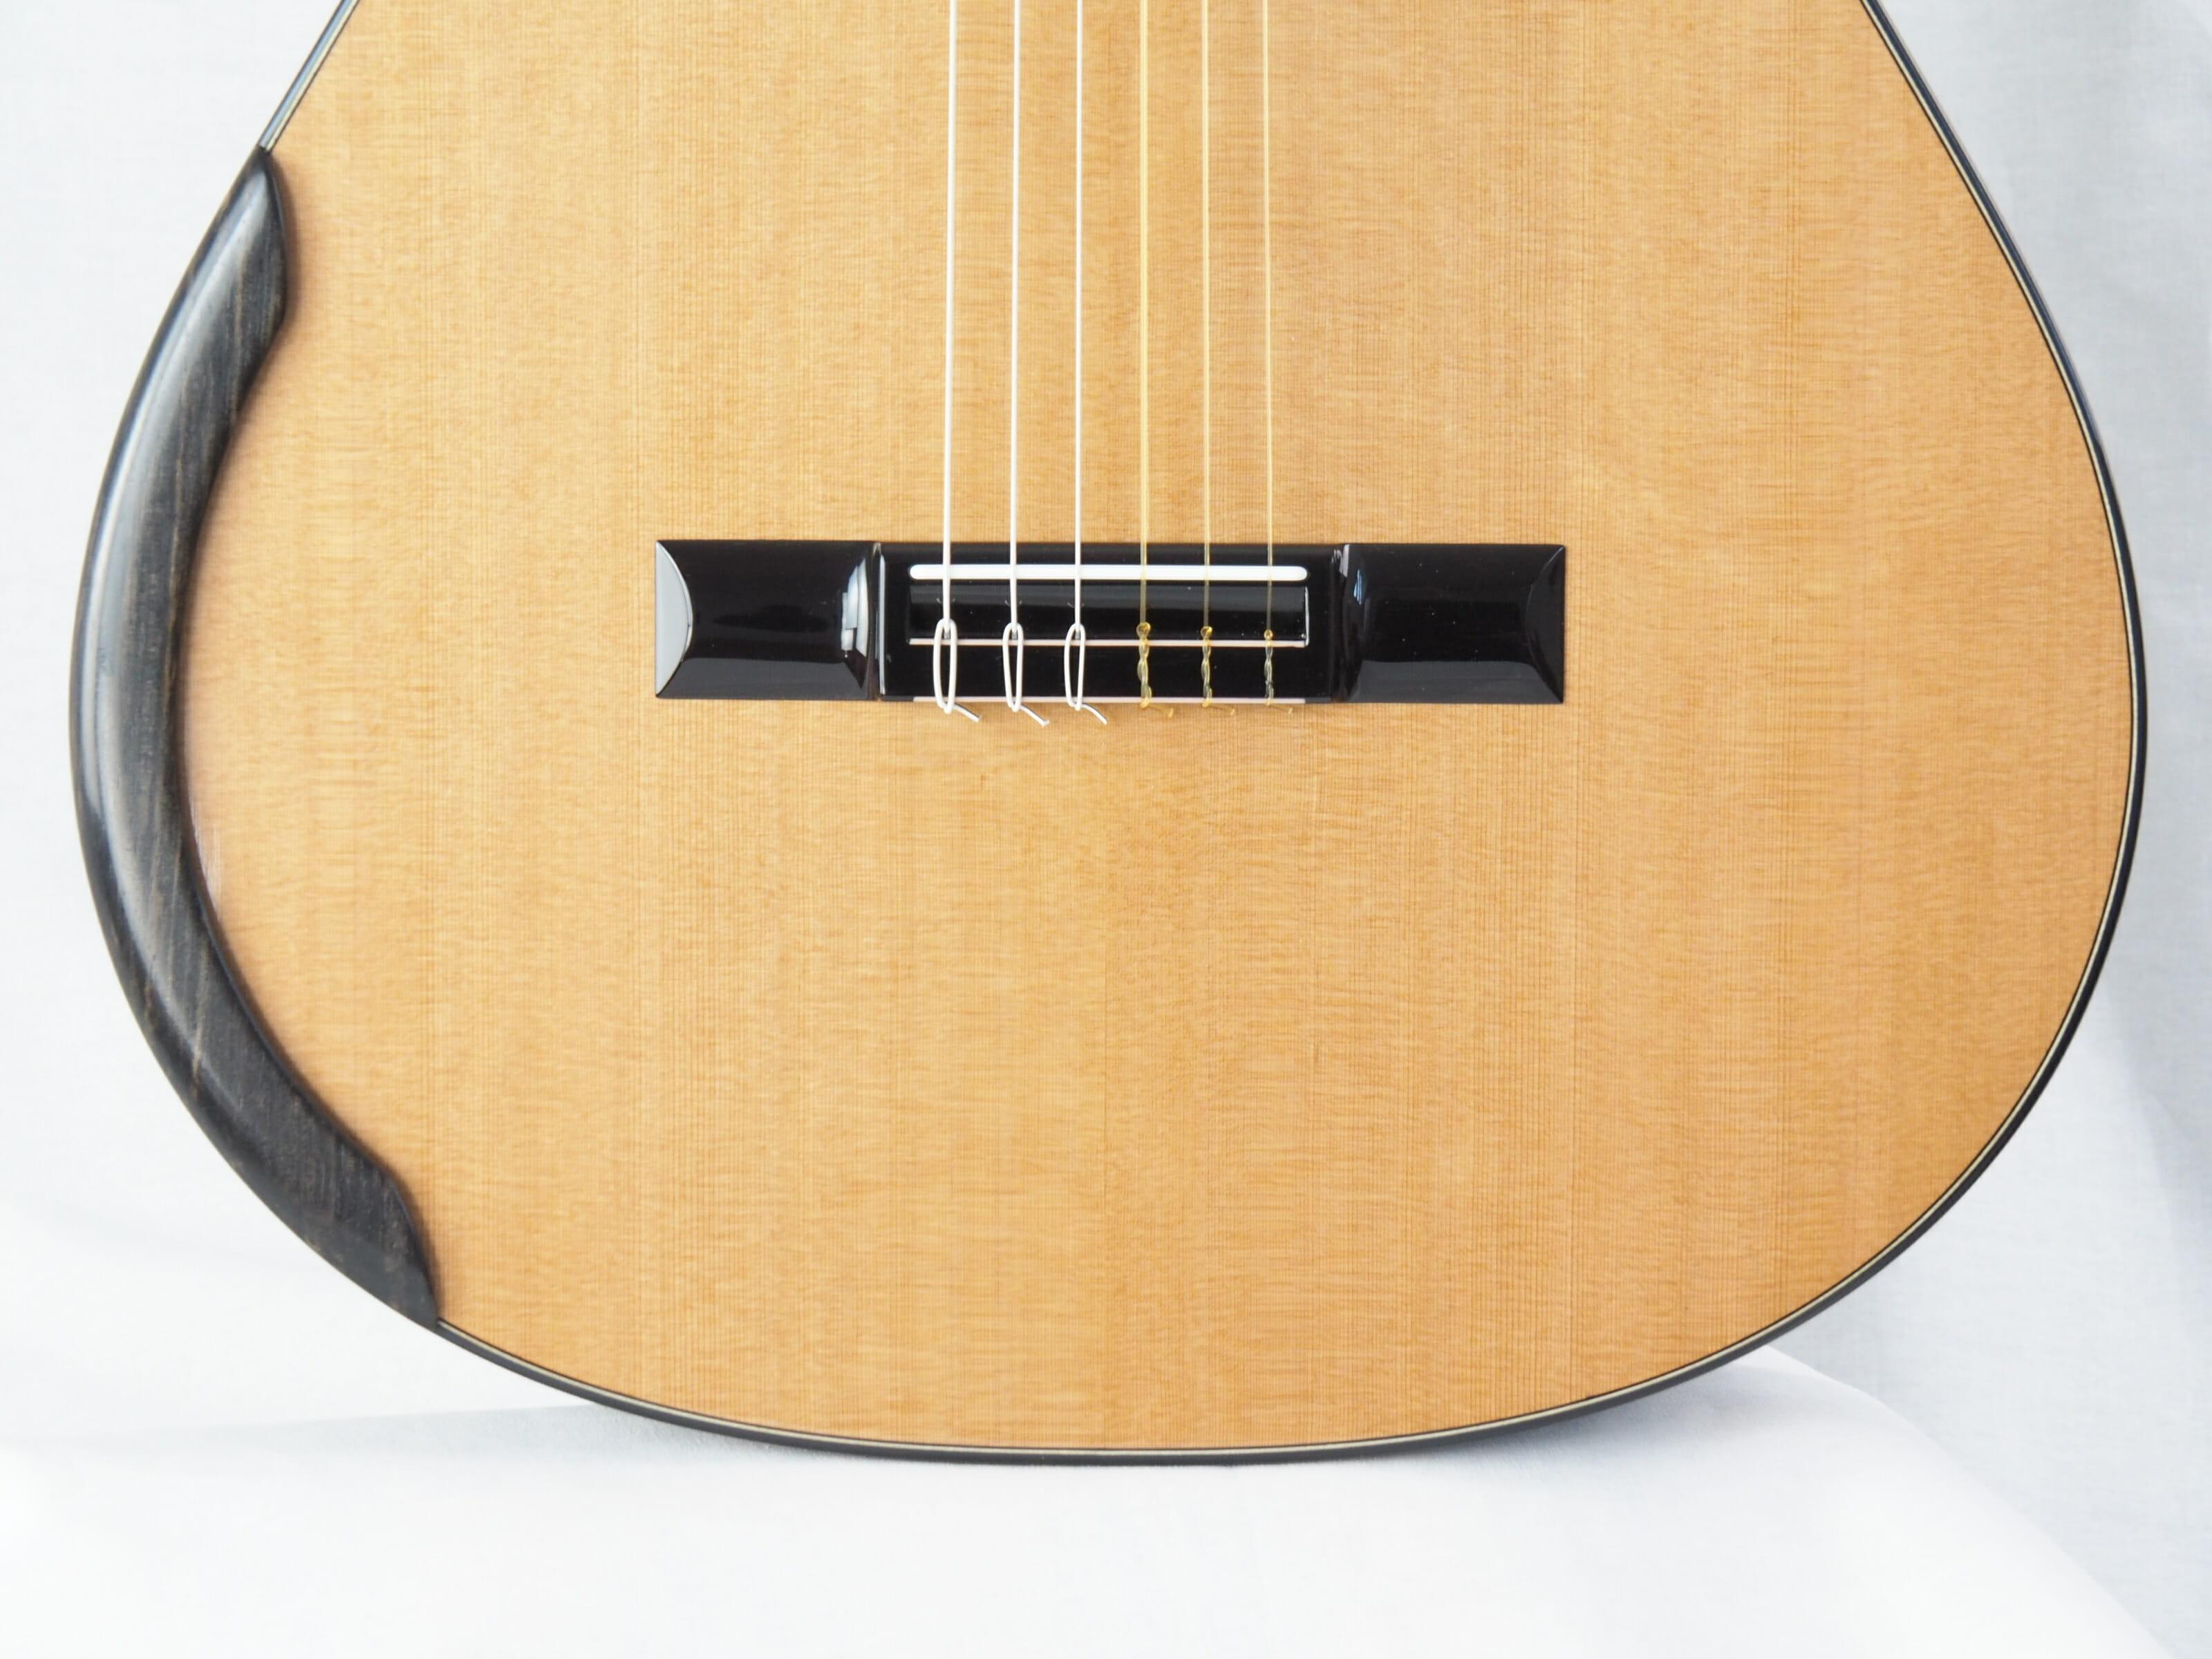 Kim Lissarrague guitare classique luthier No 317 19LIS317-05